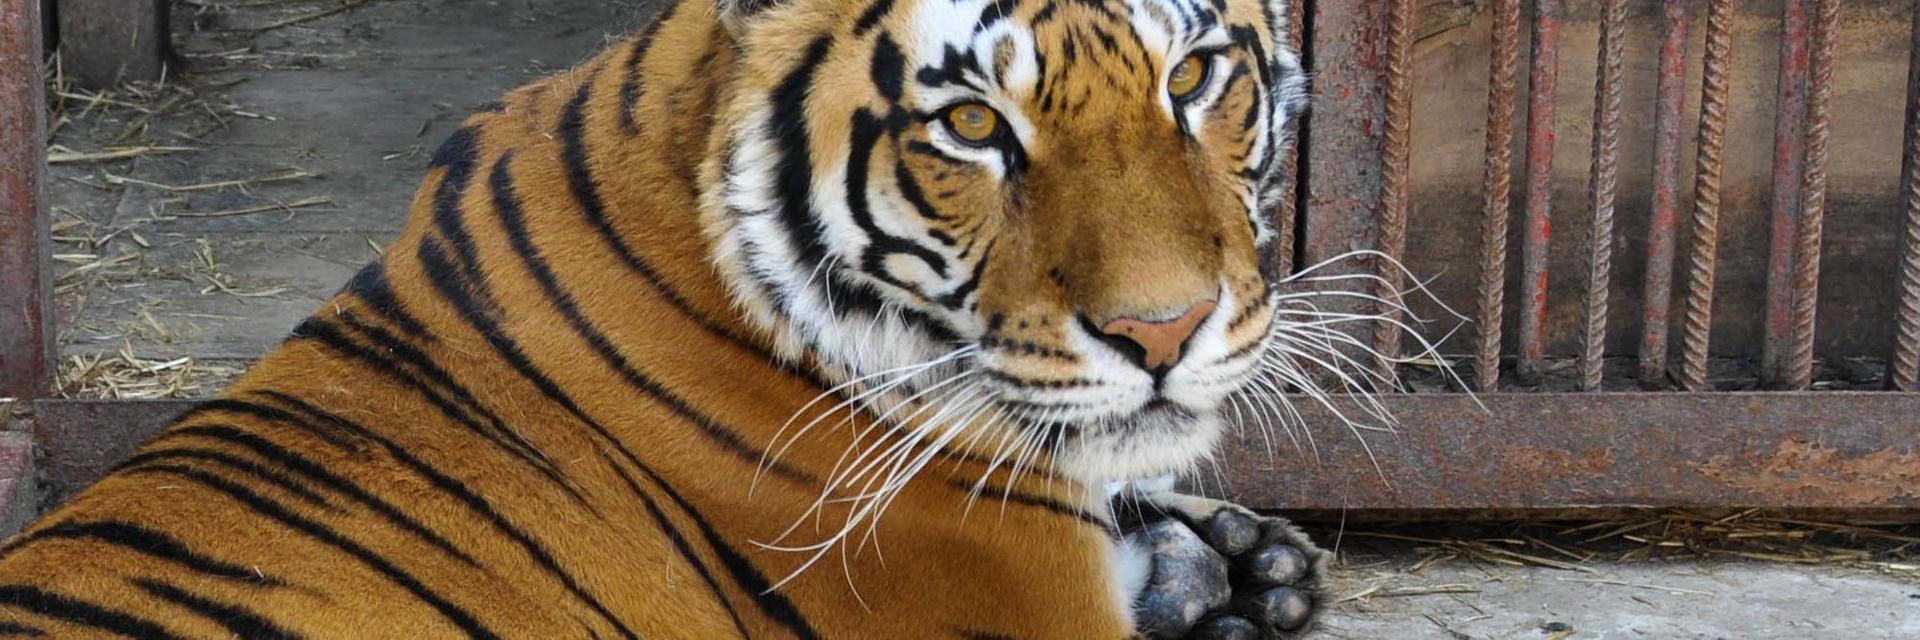 Tiger Transfer